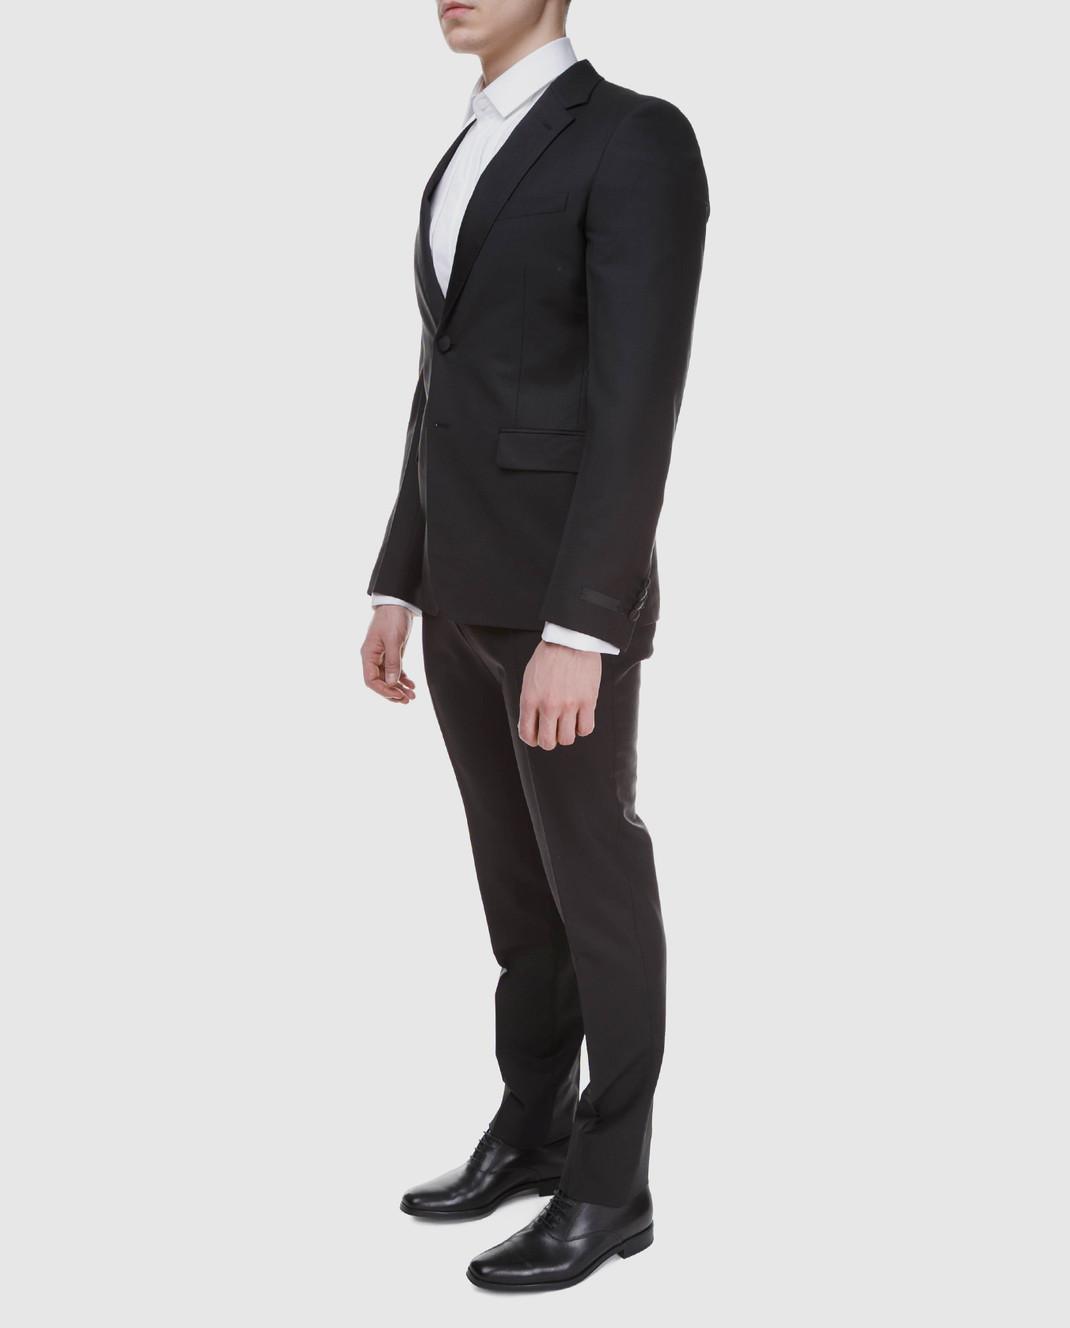 Prada Черный костюм из мохера и шерсти UAF4201KNB изображение 3